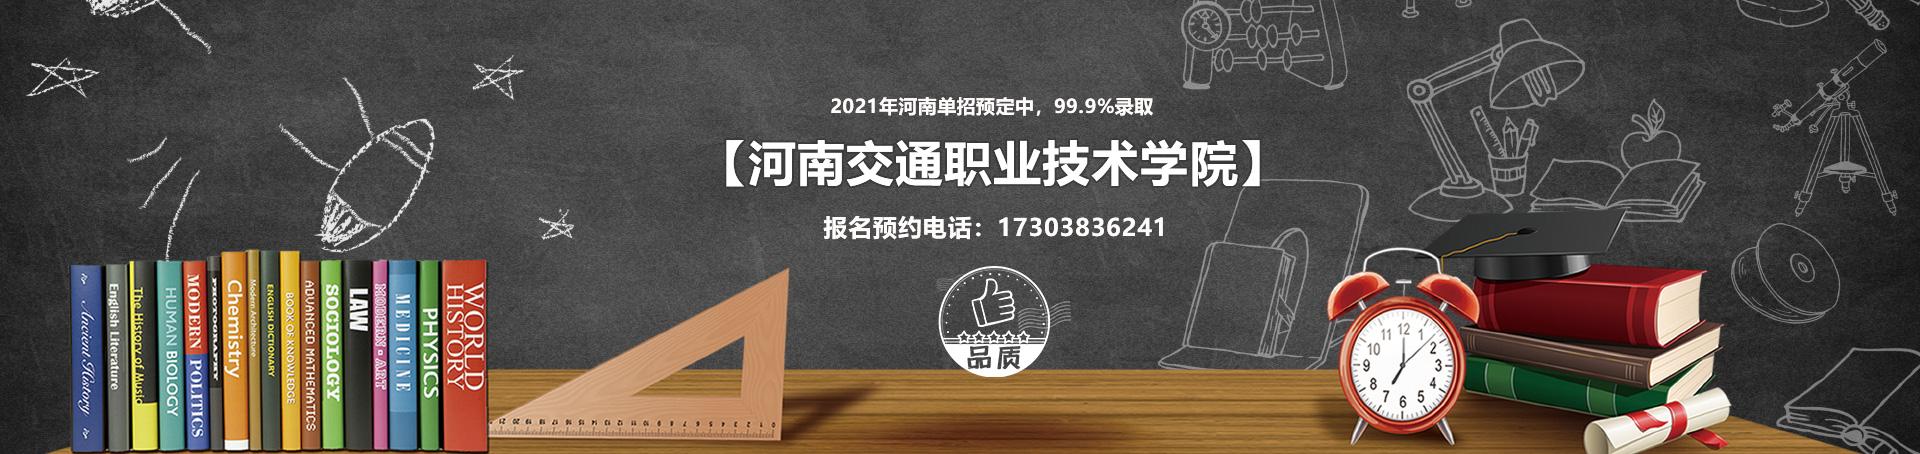 2021年河南单招预定中,99.9%录取